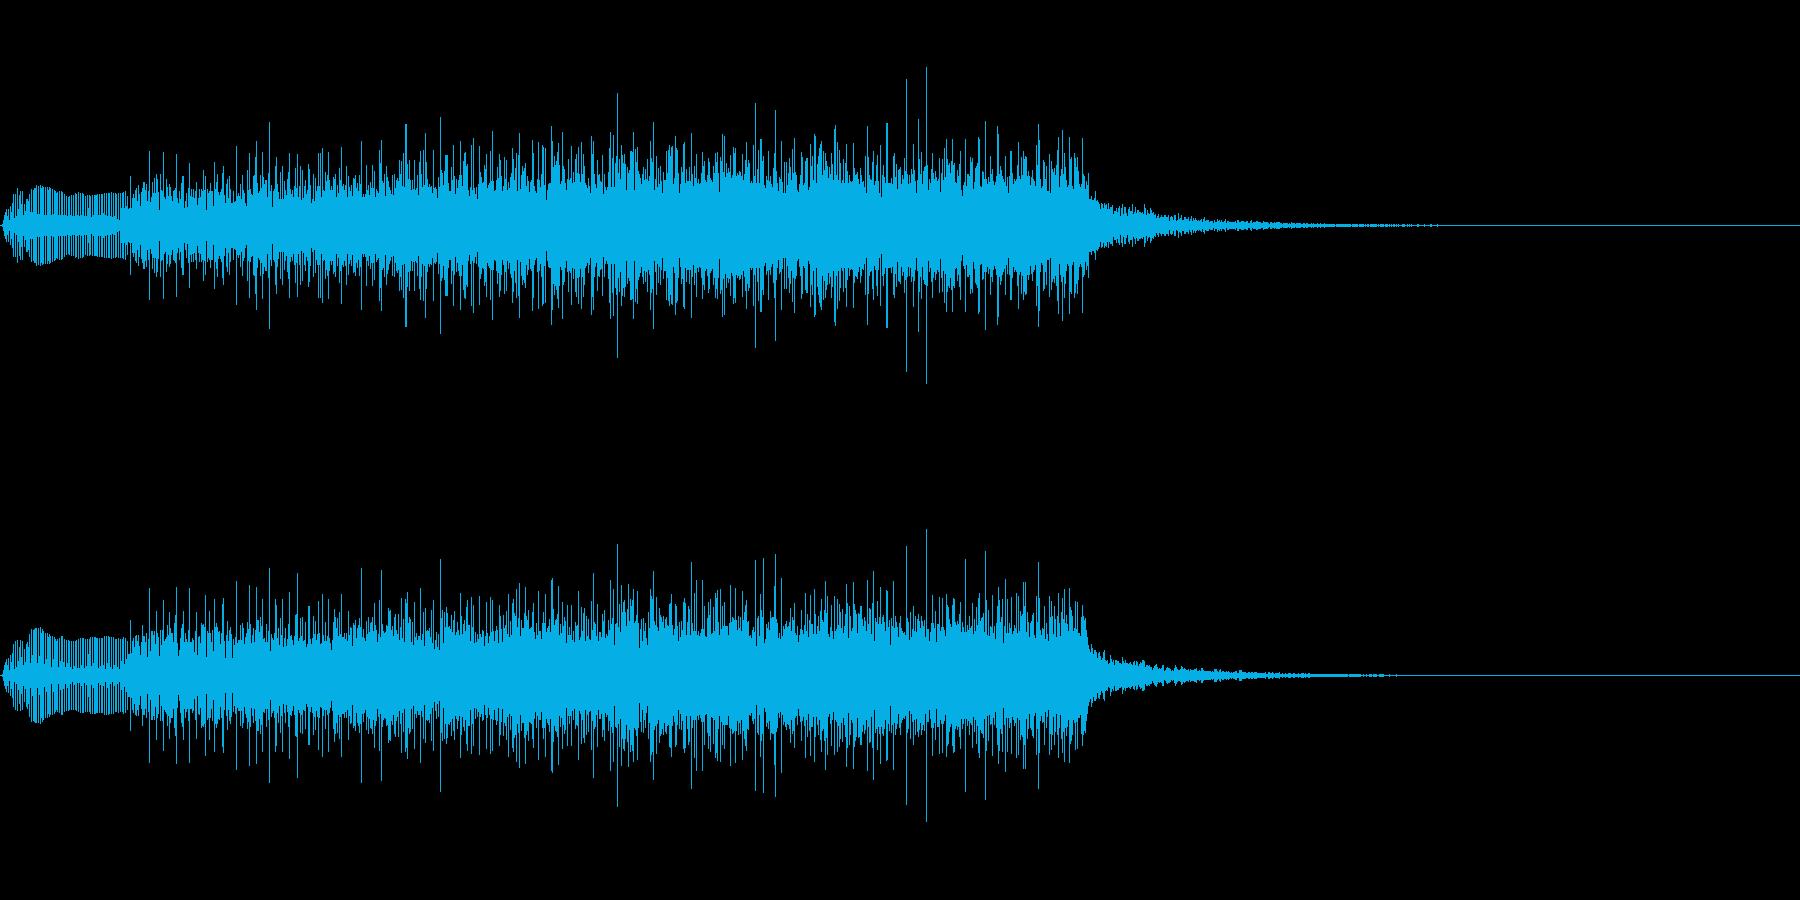 ジングル101lの再生済みの波形